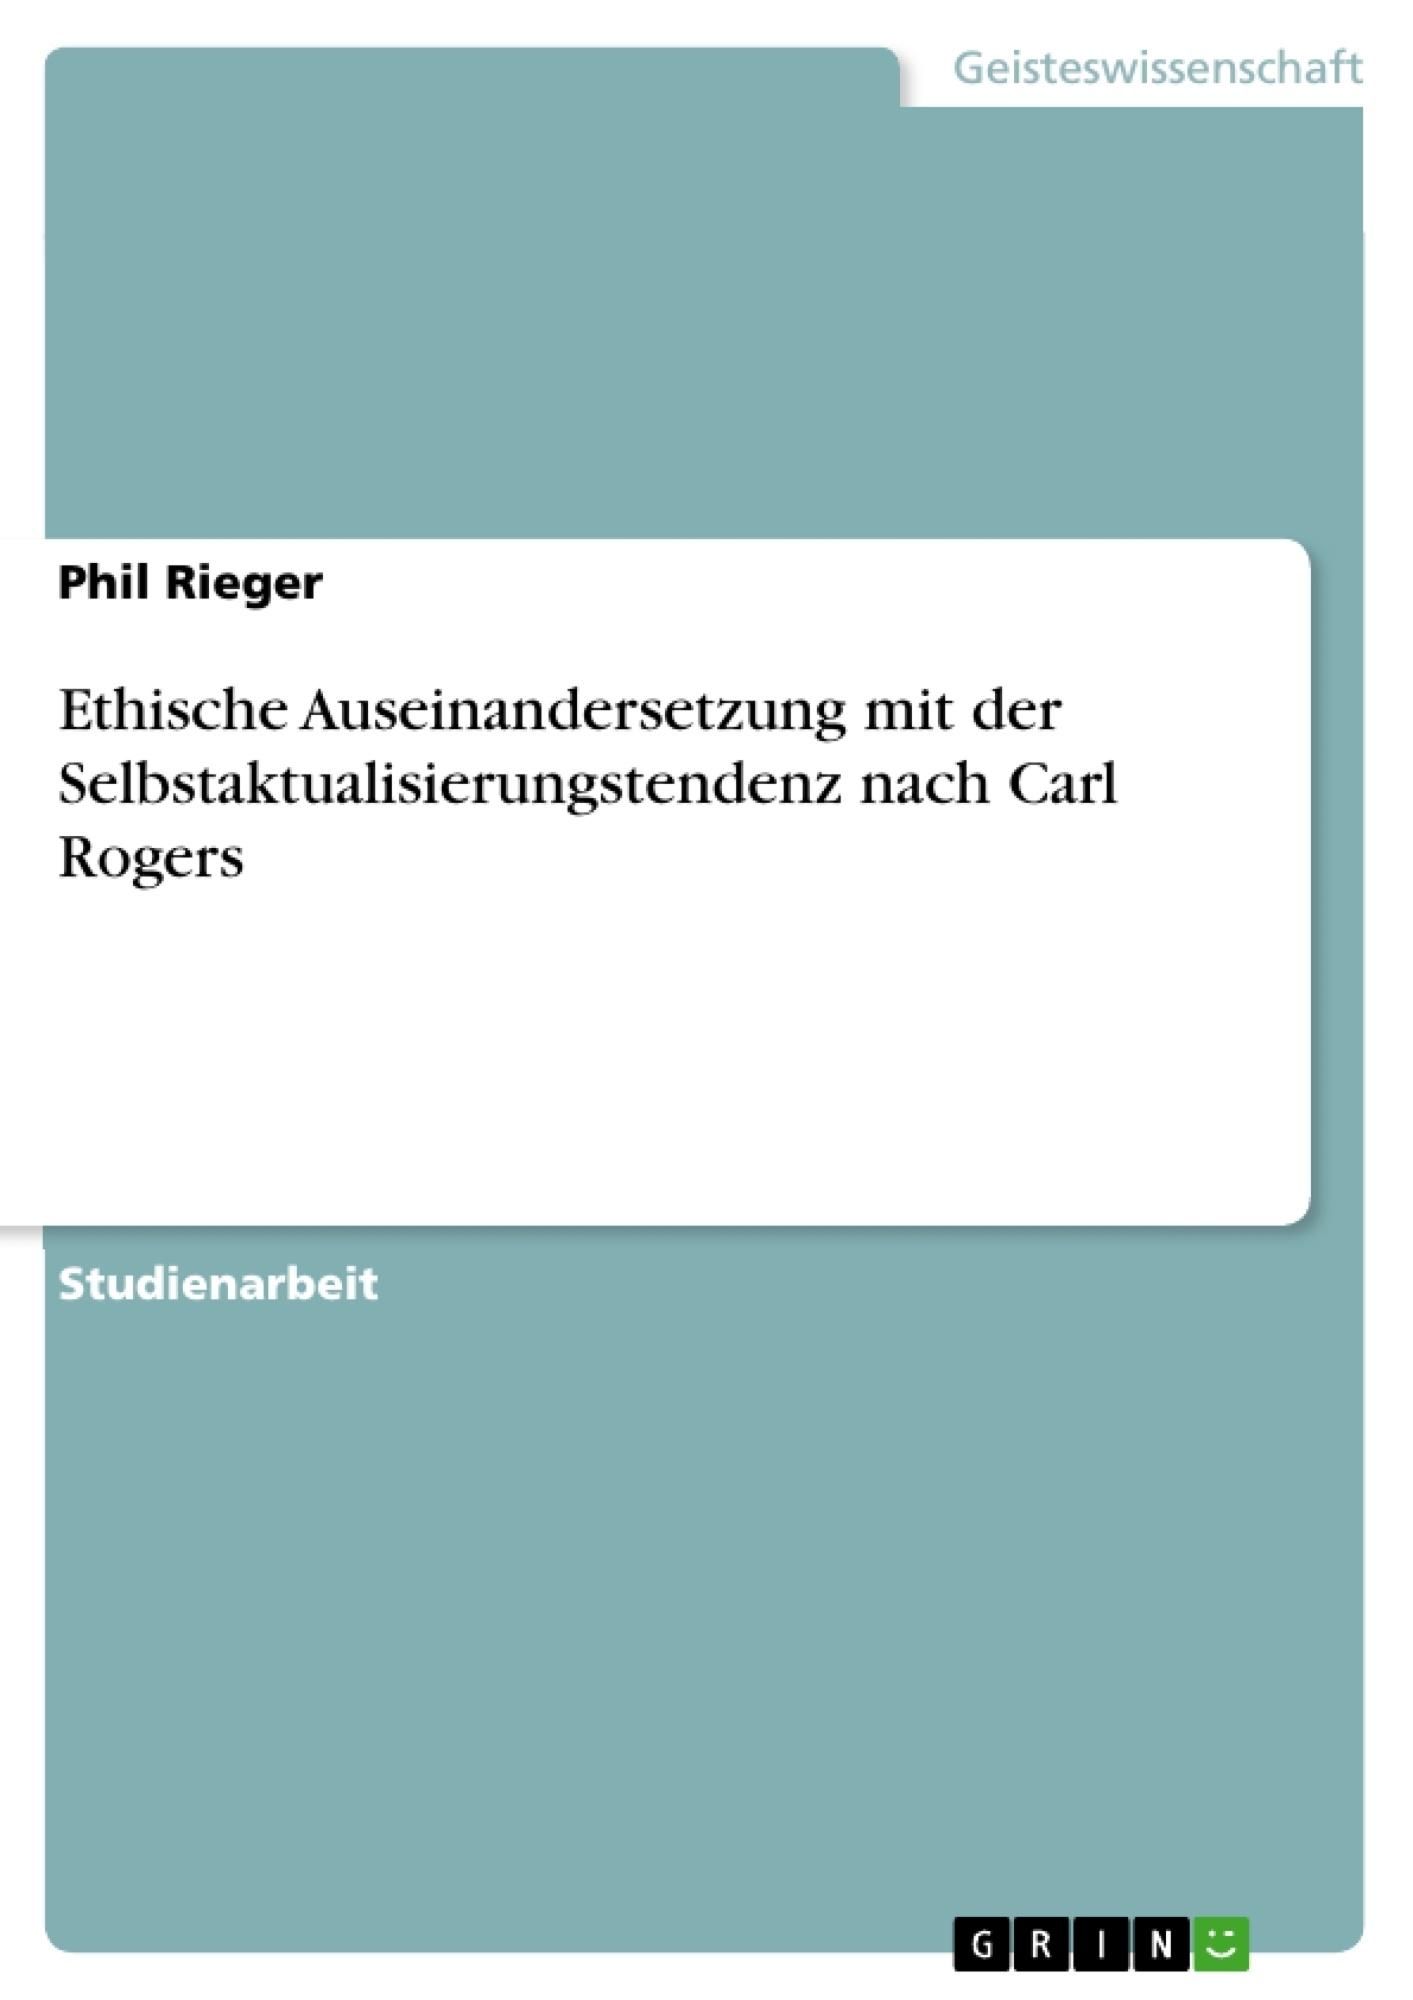 Titel: Ethische Auseinandersetzung mit der Selbstaktualisierungstendenz nach Carl Rogers